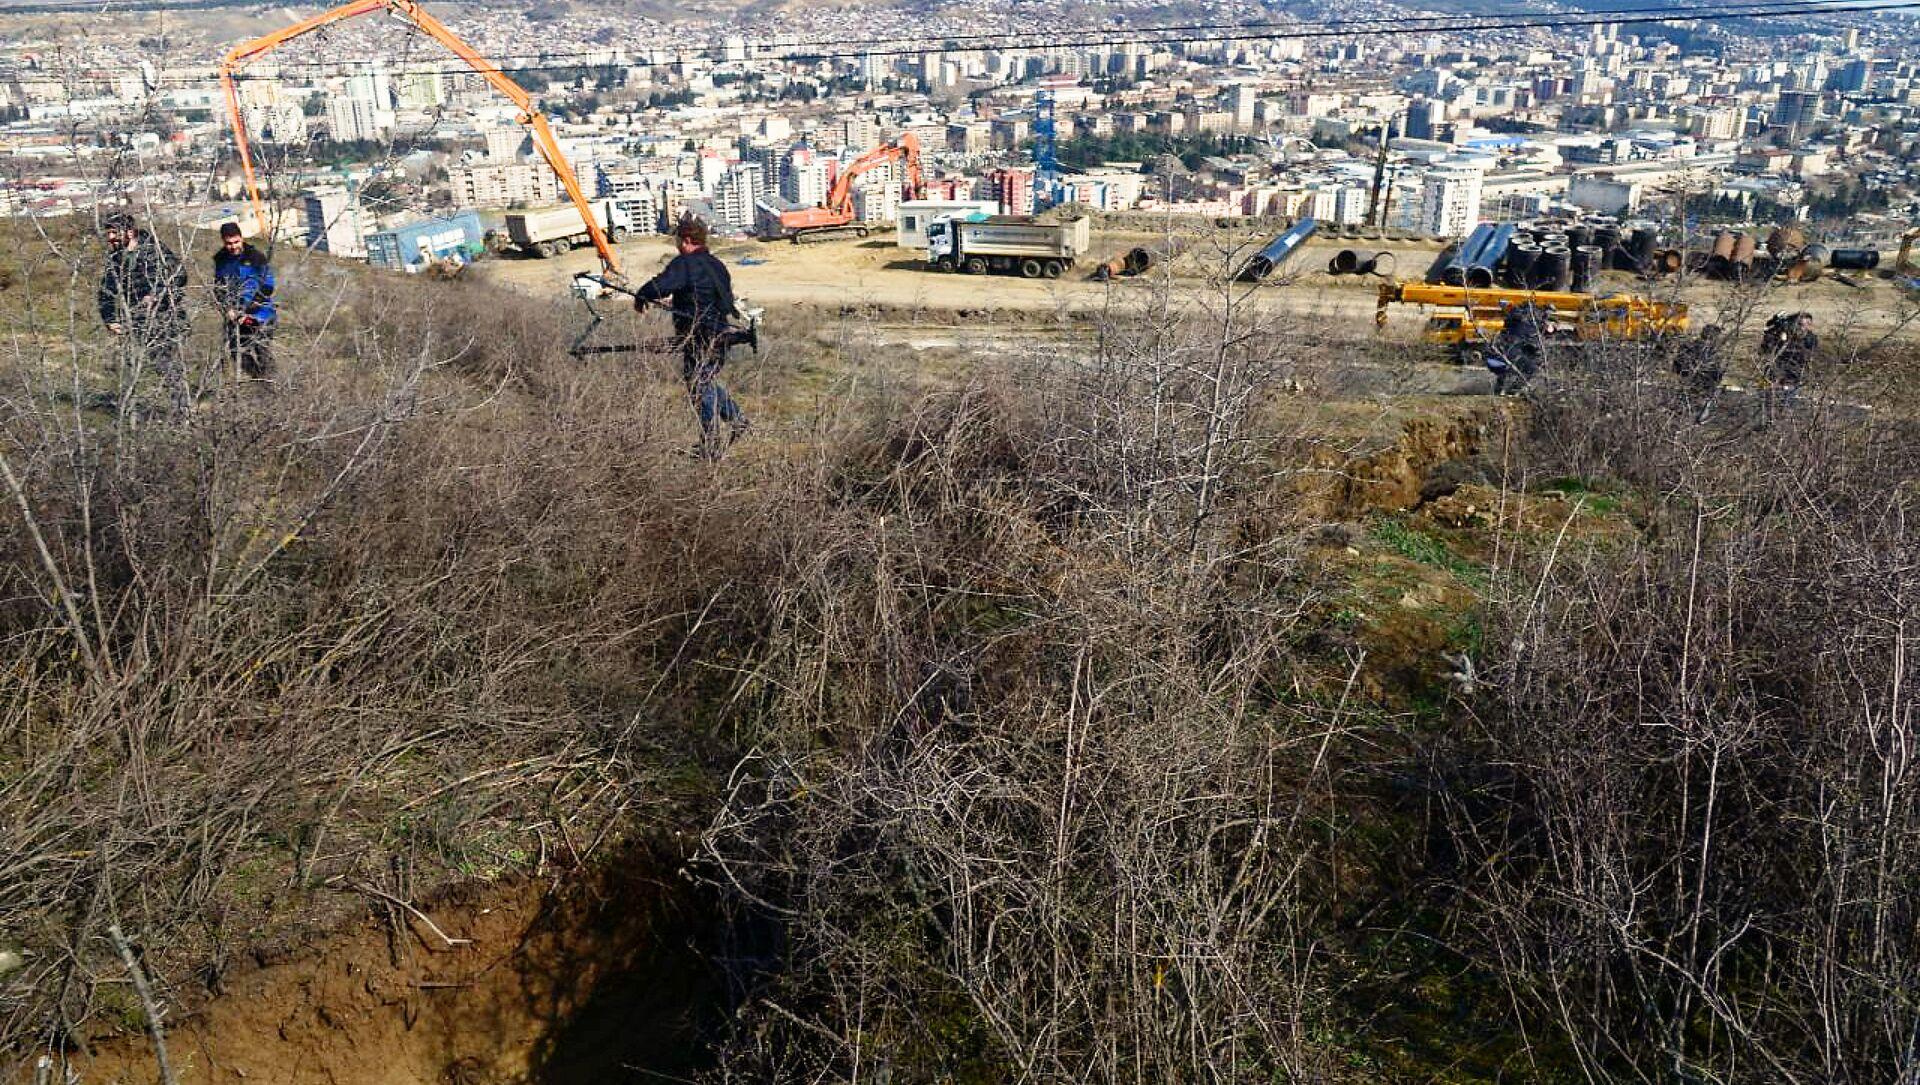 Оползневая зона в столице Грузии в районе Сабуртало в поселке Вашлиджвари - Sputnik Грузия, 1920, 01.04.2021